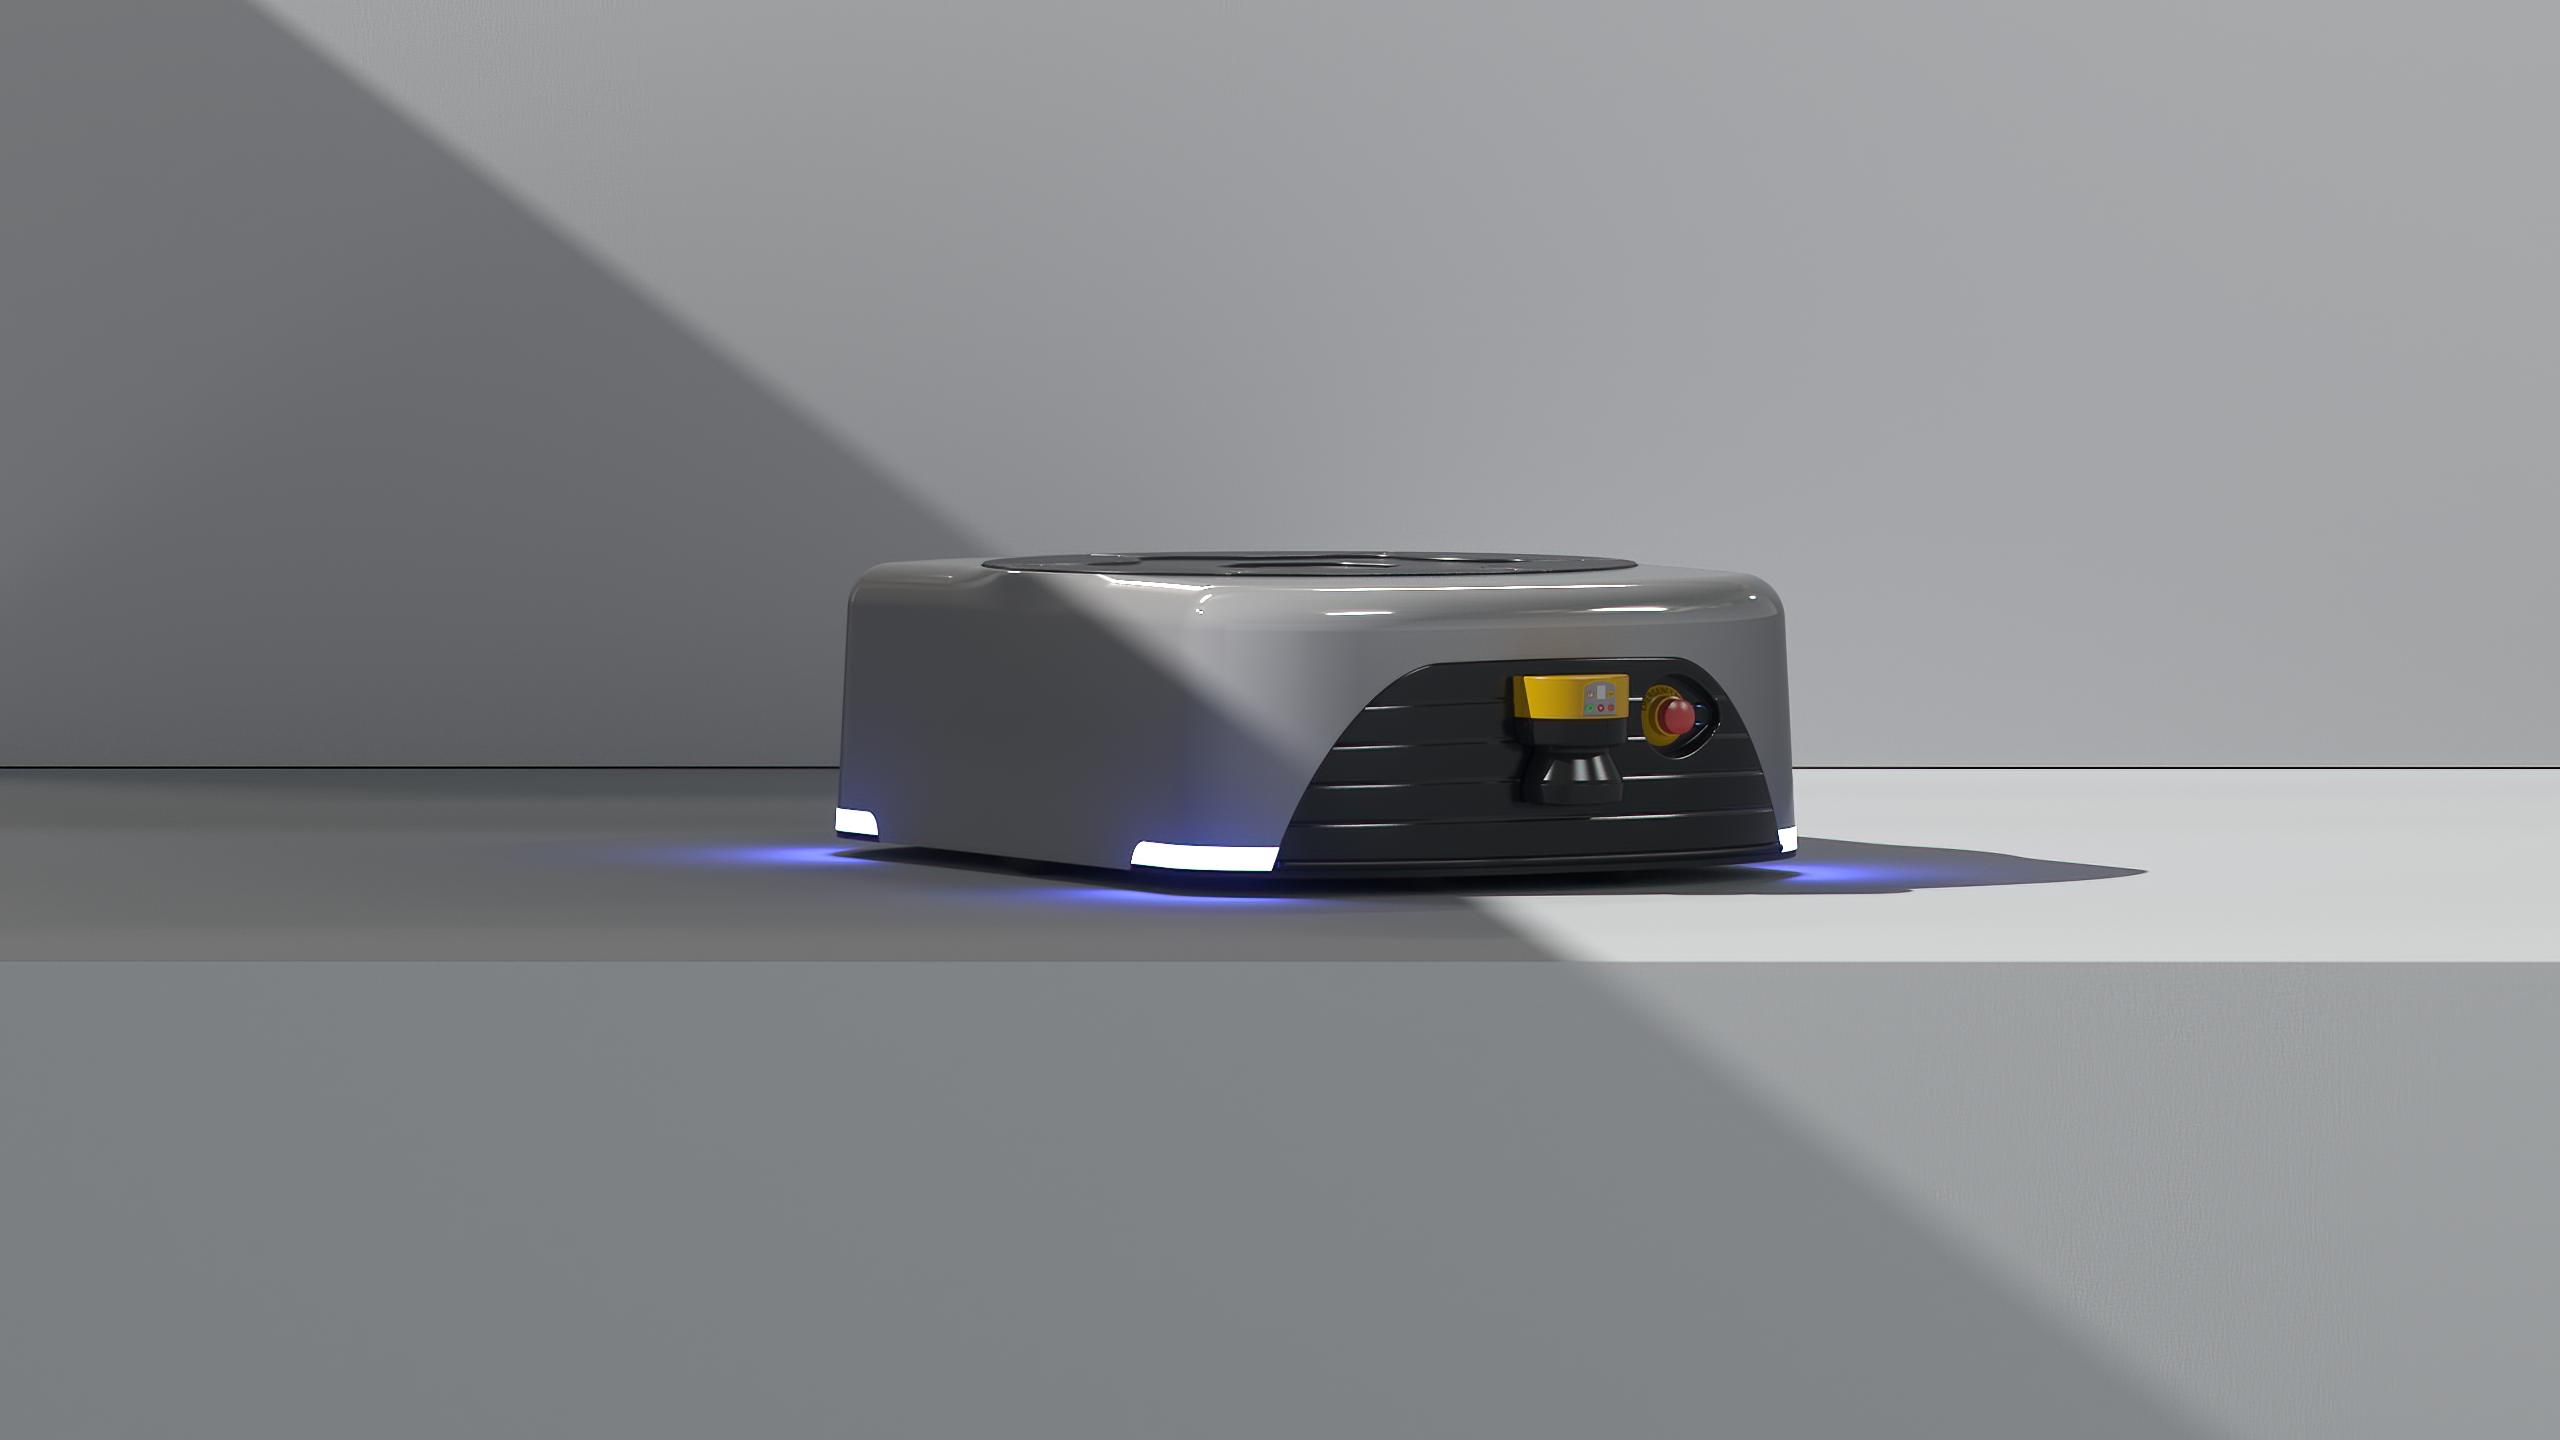 Orderpicking robot